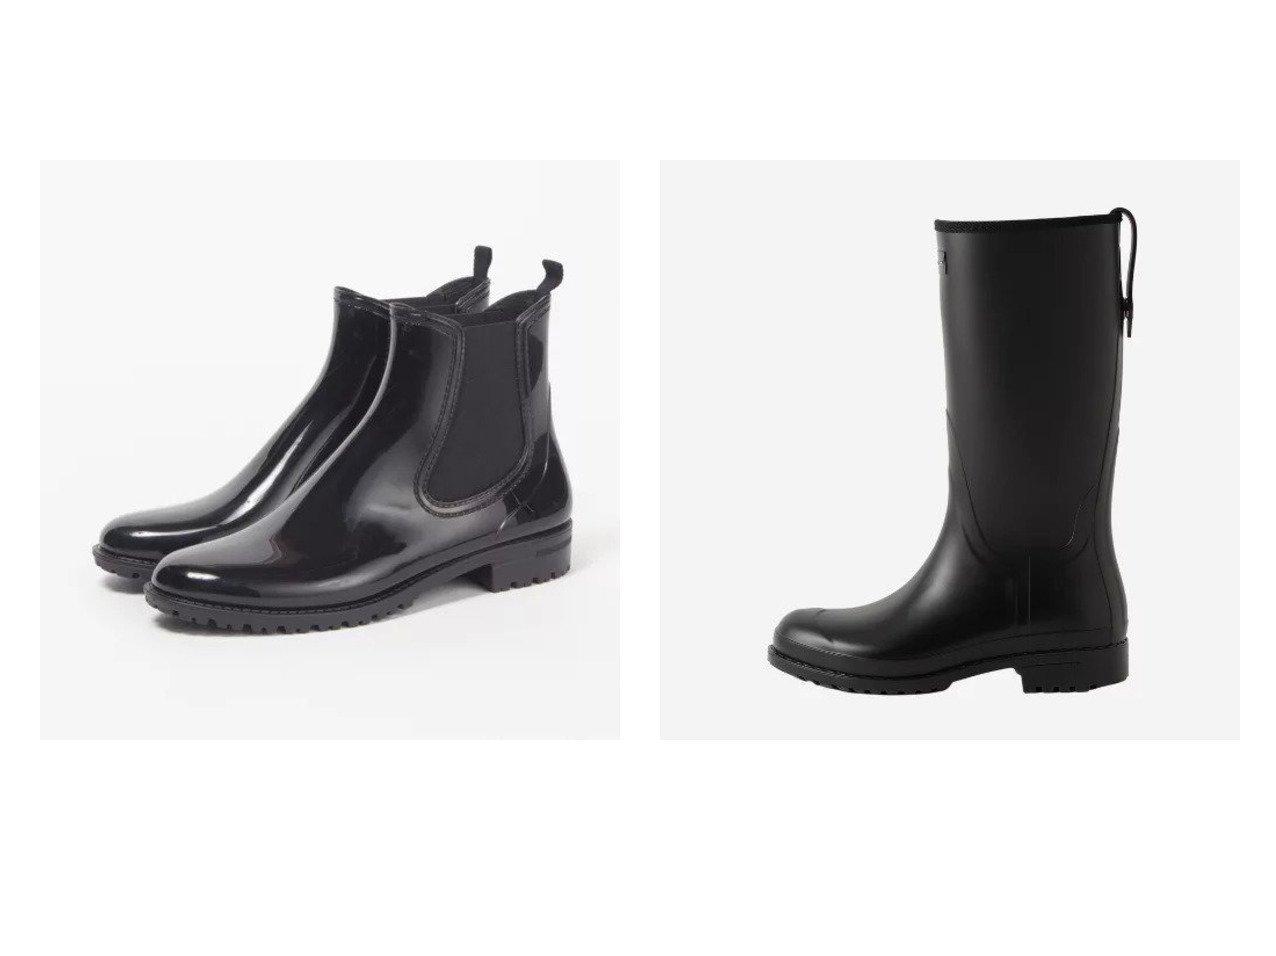 【MACKINTOSH LONDON/マッキントッシュ ロンドン】の【MACKINTOSH】レインブーツ&【MODA ITALIANA/モダイタリアーナ】のサイドゴアレインブーツ 【シューズ・靴】おすすめ!人気、トレンド・レディースファッションの通販 おすすめで人気の流行・トレンド、ファッションの通販商品 インテリア・家具・メンズファッション・キッズファッション・レディースファッション・服の通販 founy(ファニー) https://founy.com/ ファッション Fashion レディースファッション WOMEN シューズ ドット ラップ ロング イタリア ショート シンプル パターン |ID:crp329100000047561